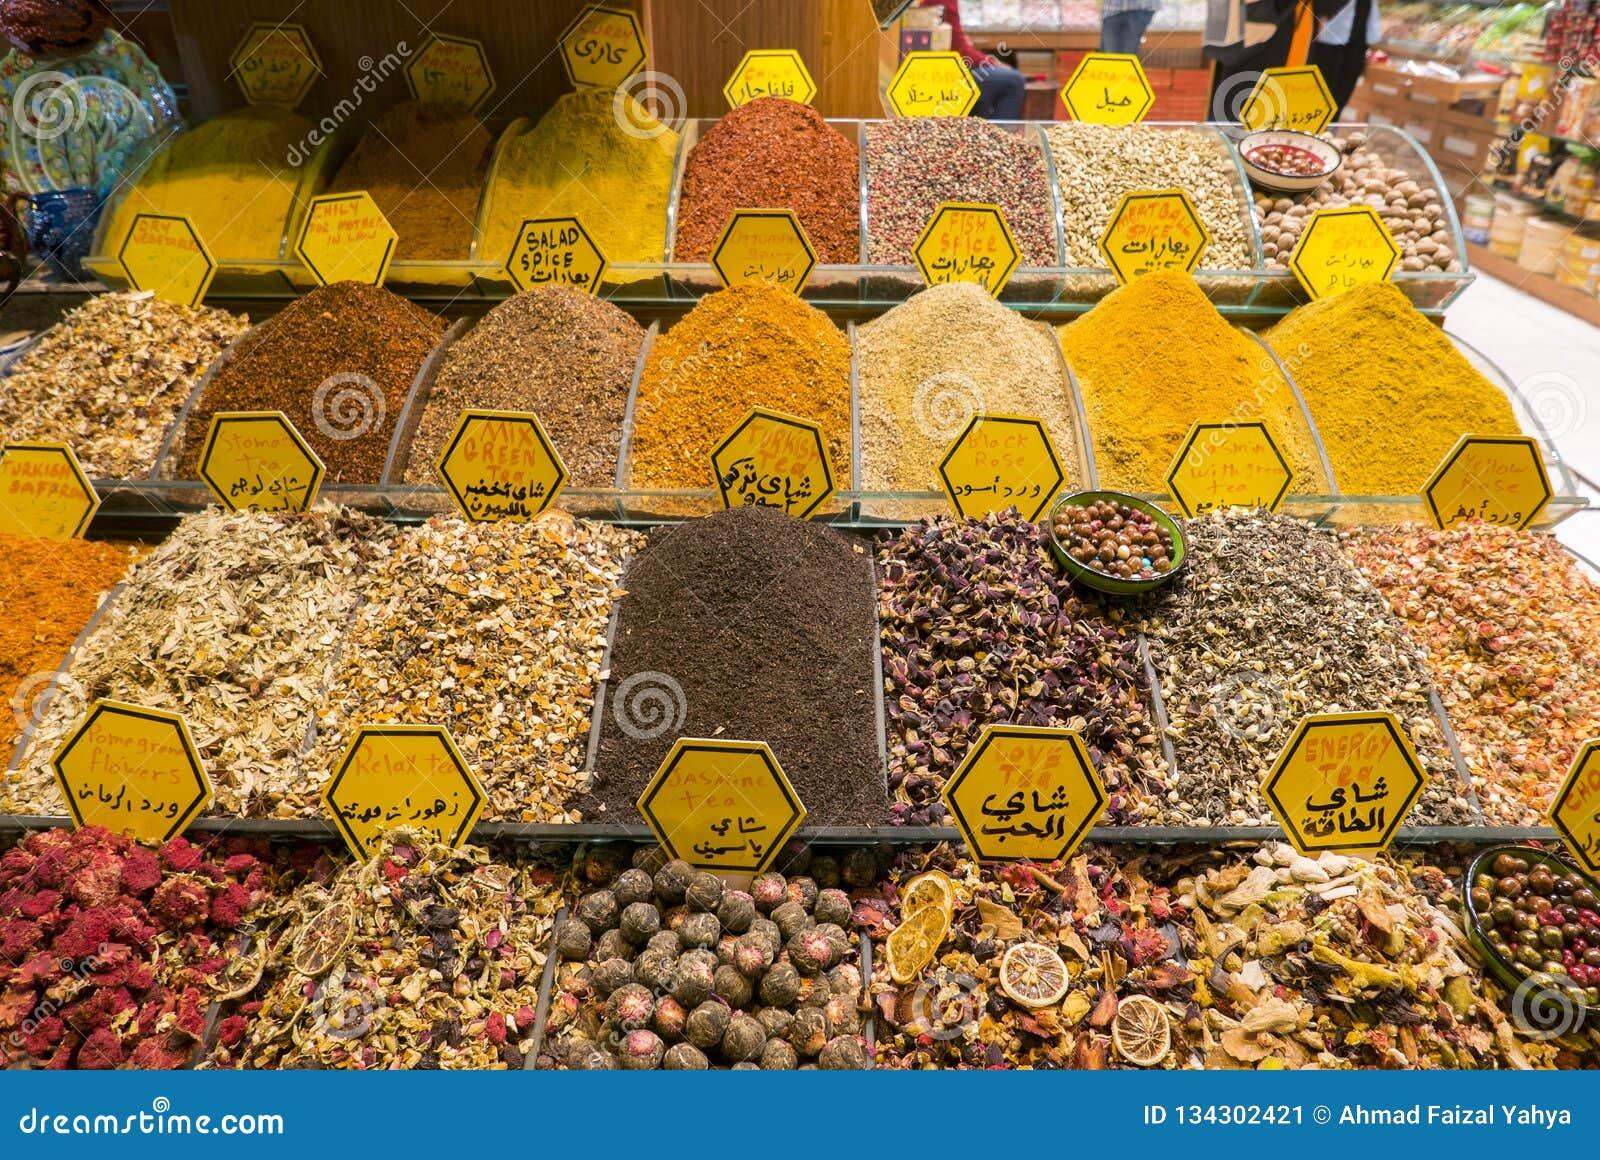 Διάφοροι τύποι τσαγιών στην πώληση μέσα στο καρύκευμα Bazaar, Ιστανμπούλ